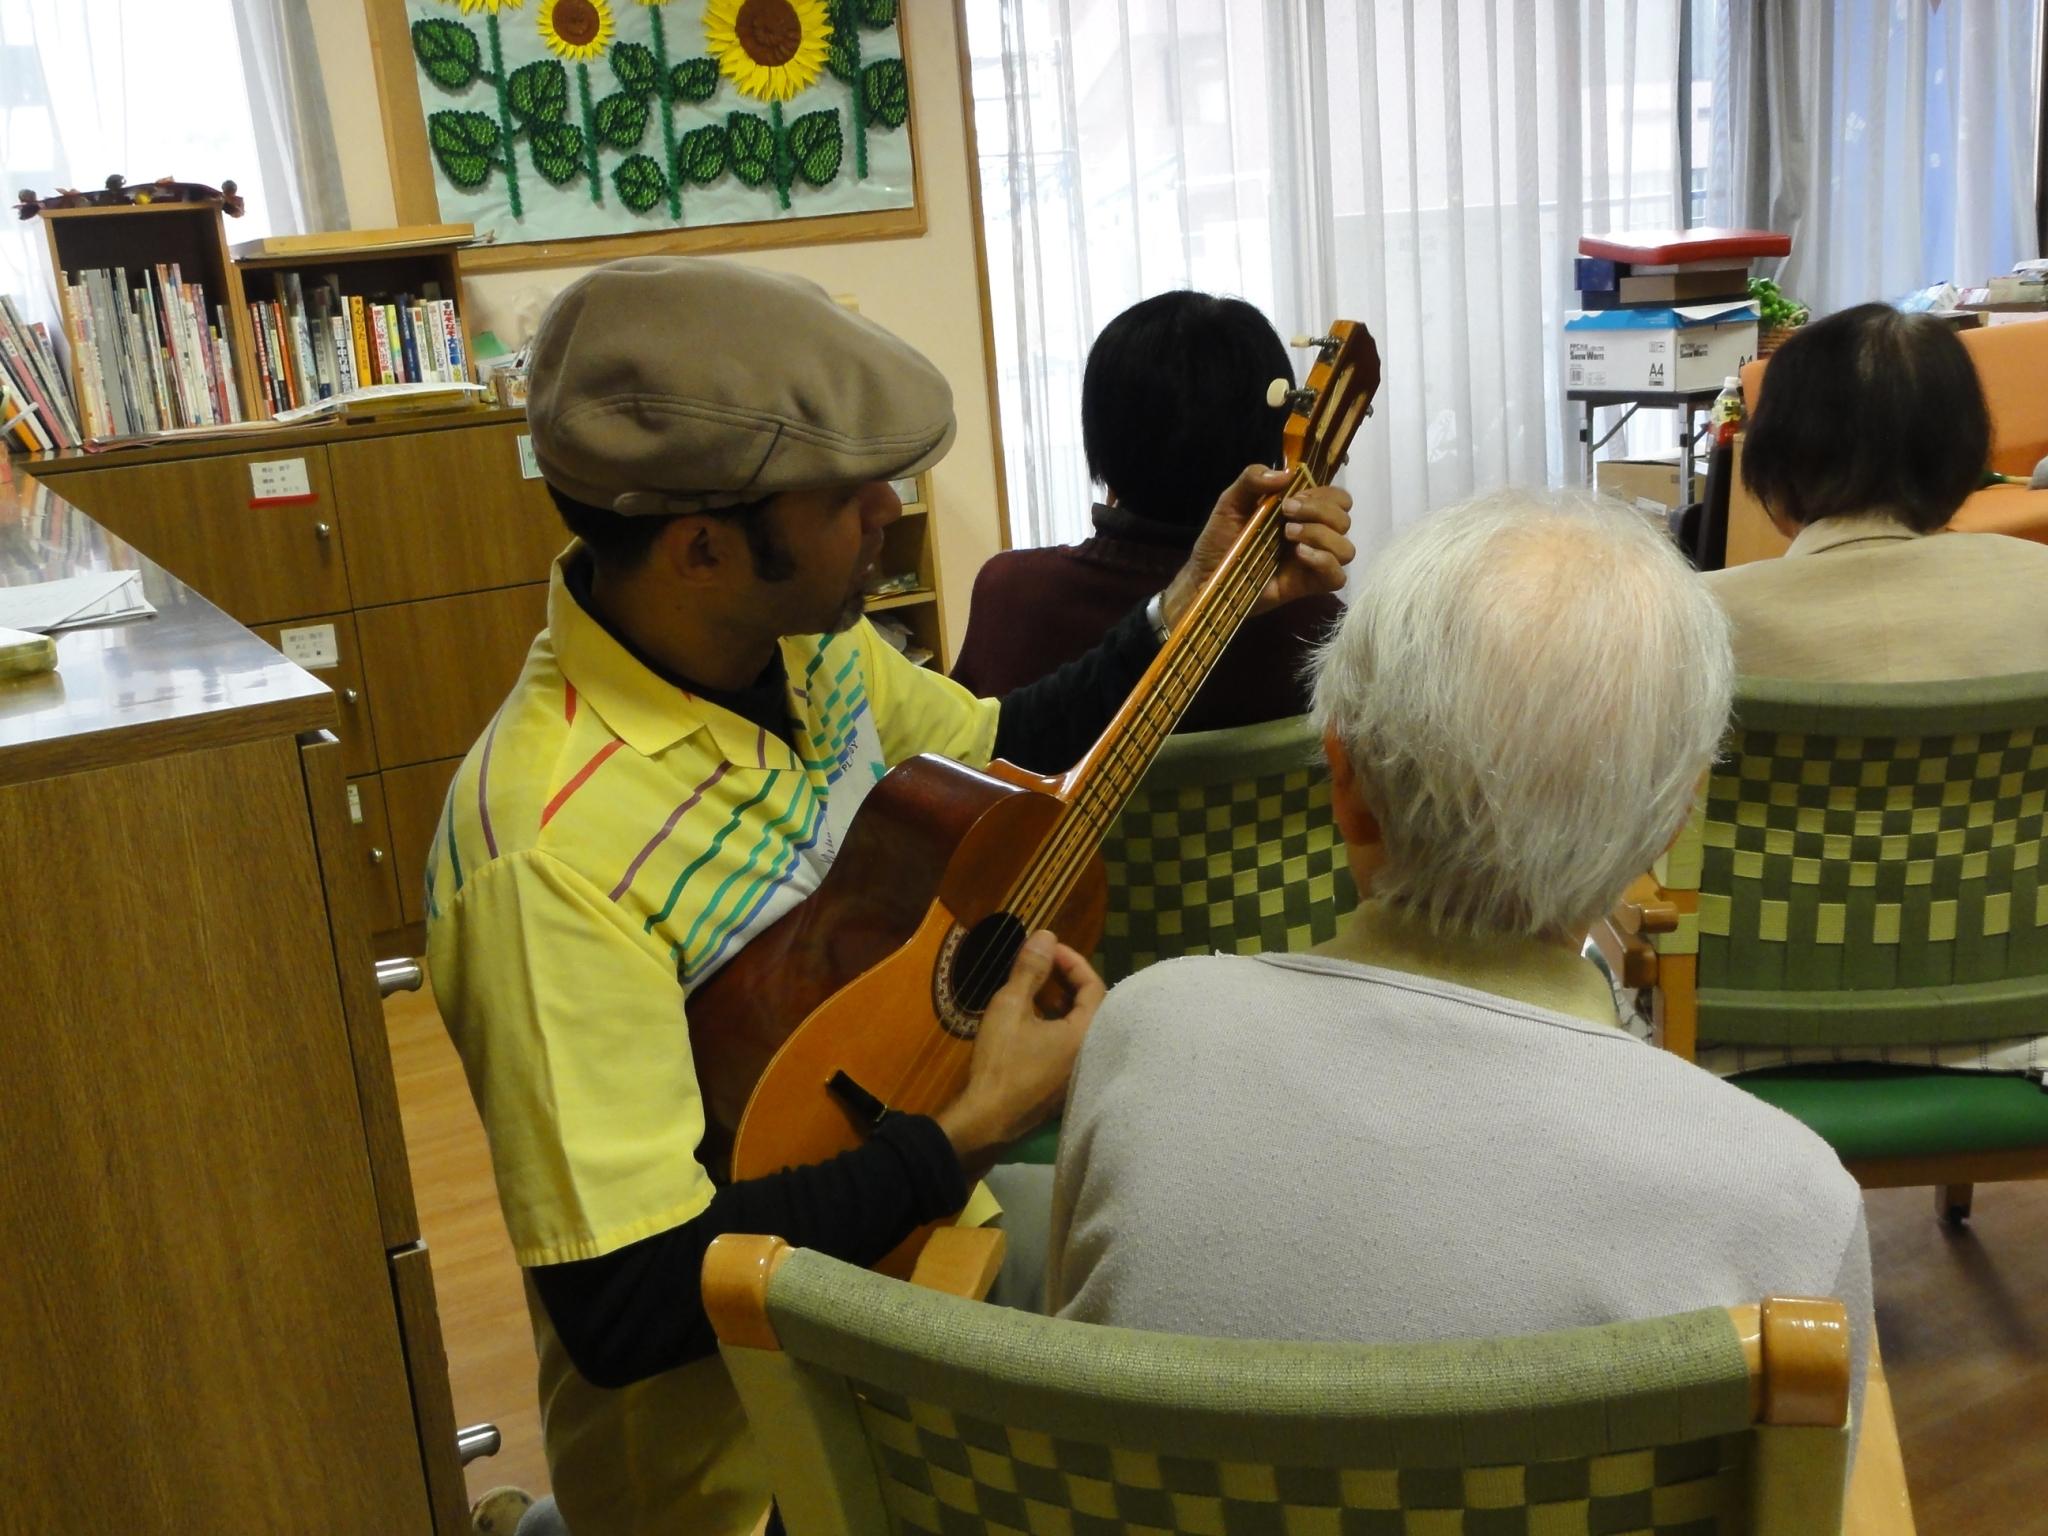 """Voluntariado con los """"viejitos"""", Tokio, Hachioji, 11/2012"""